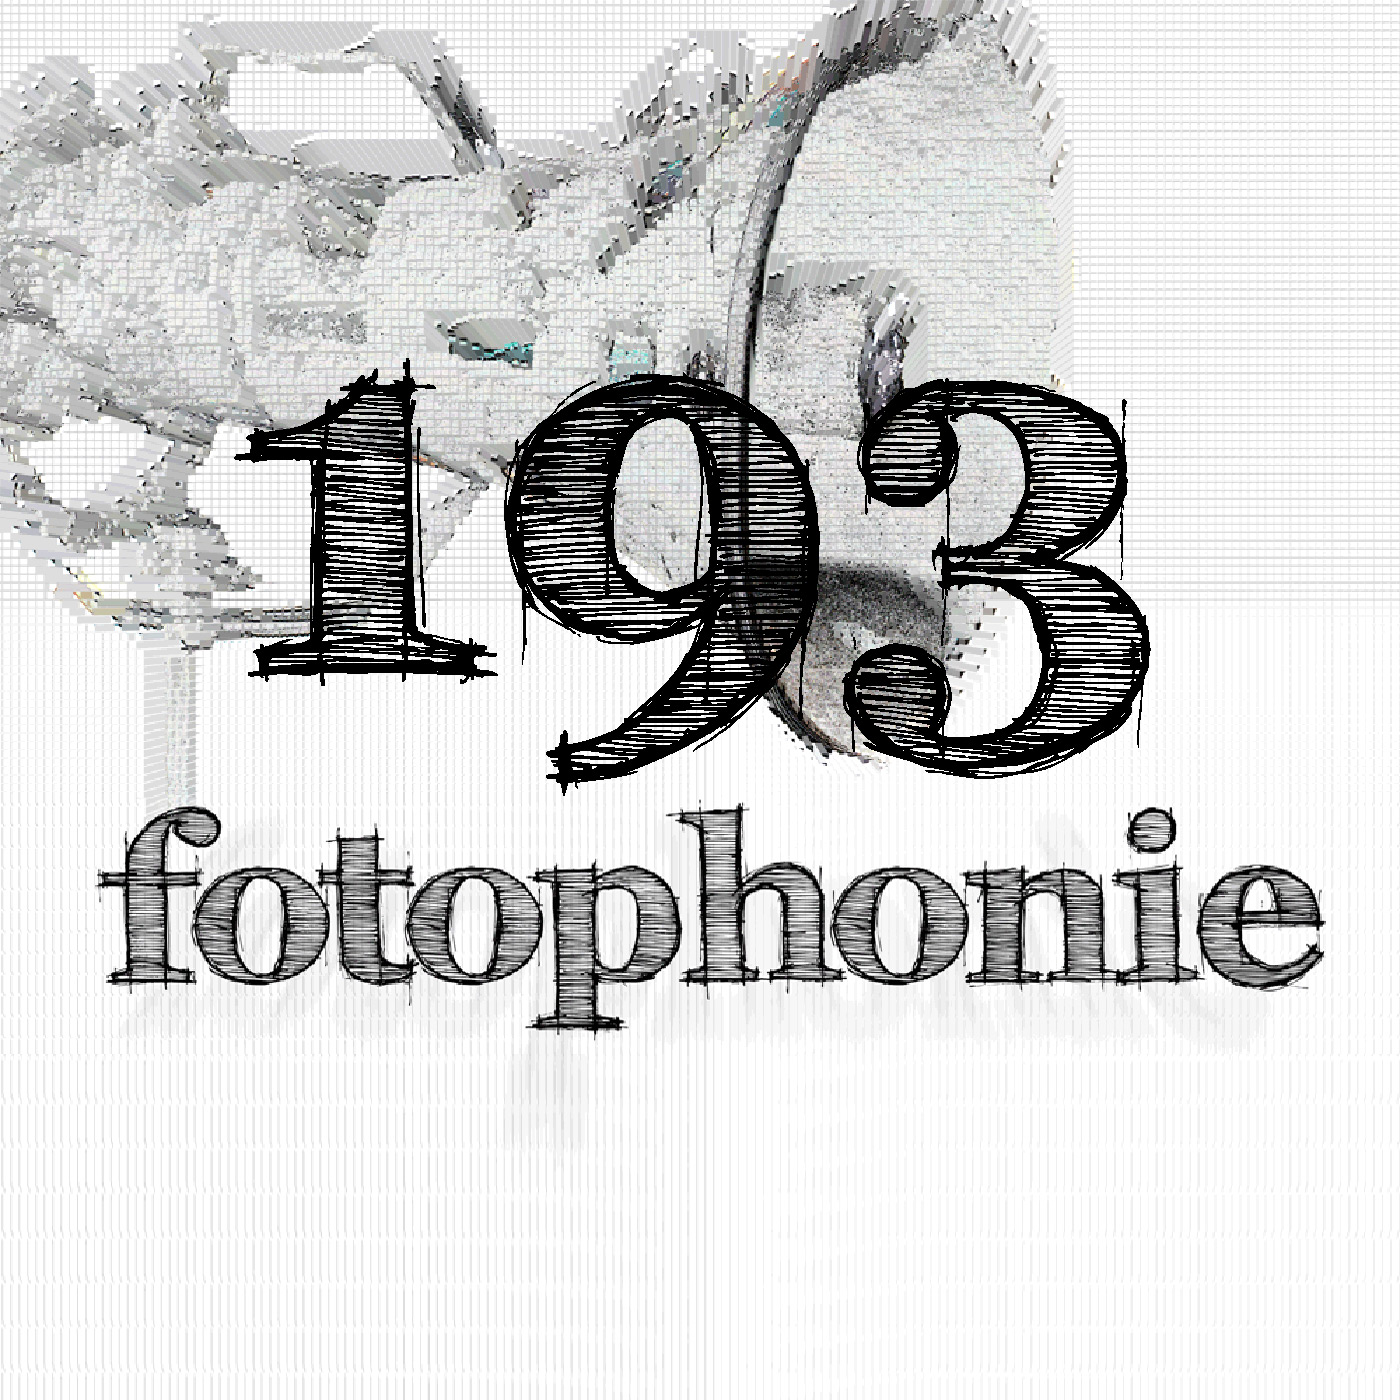 fotophonie 193 – Landpartie